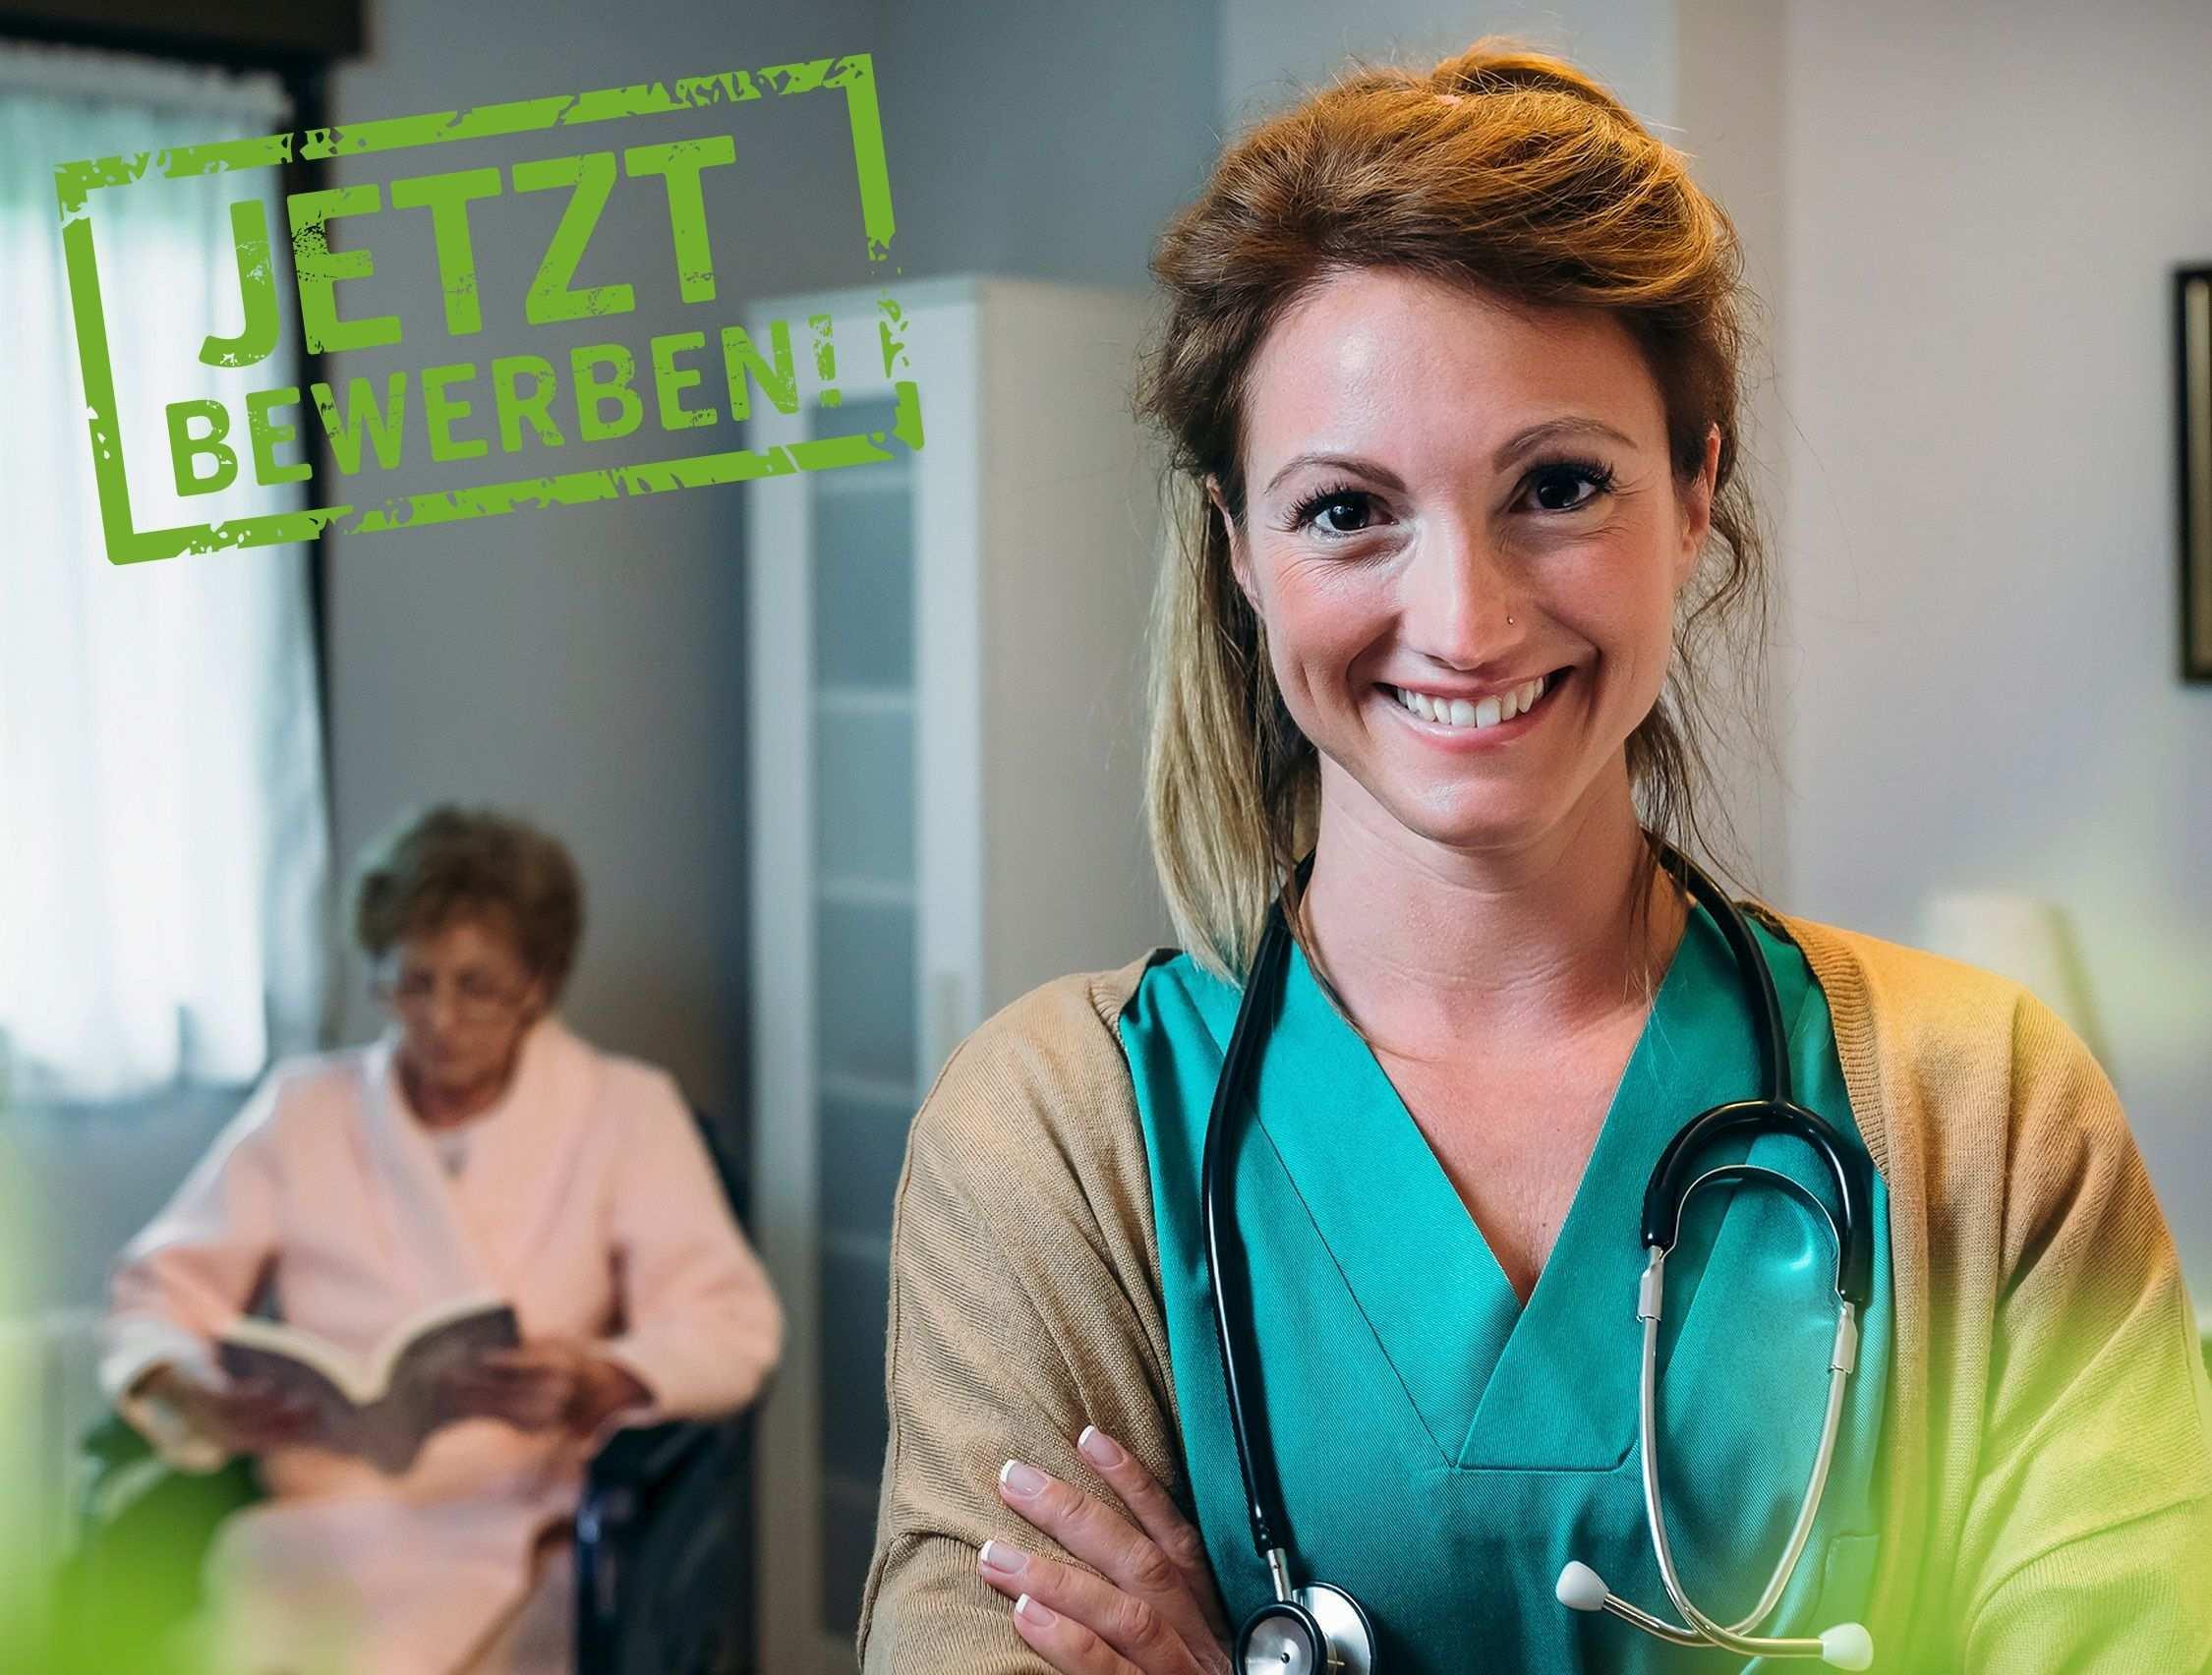 Pflege Persona Service In 2020 Altenpflegerin Gesundheits Und Krankenpfleger Pflegeberufe